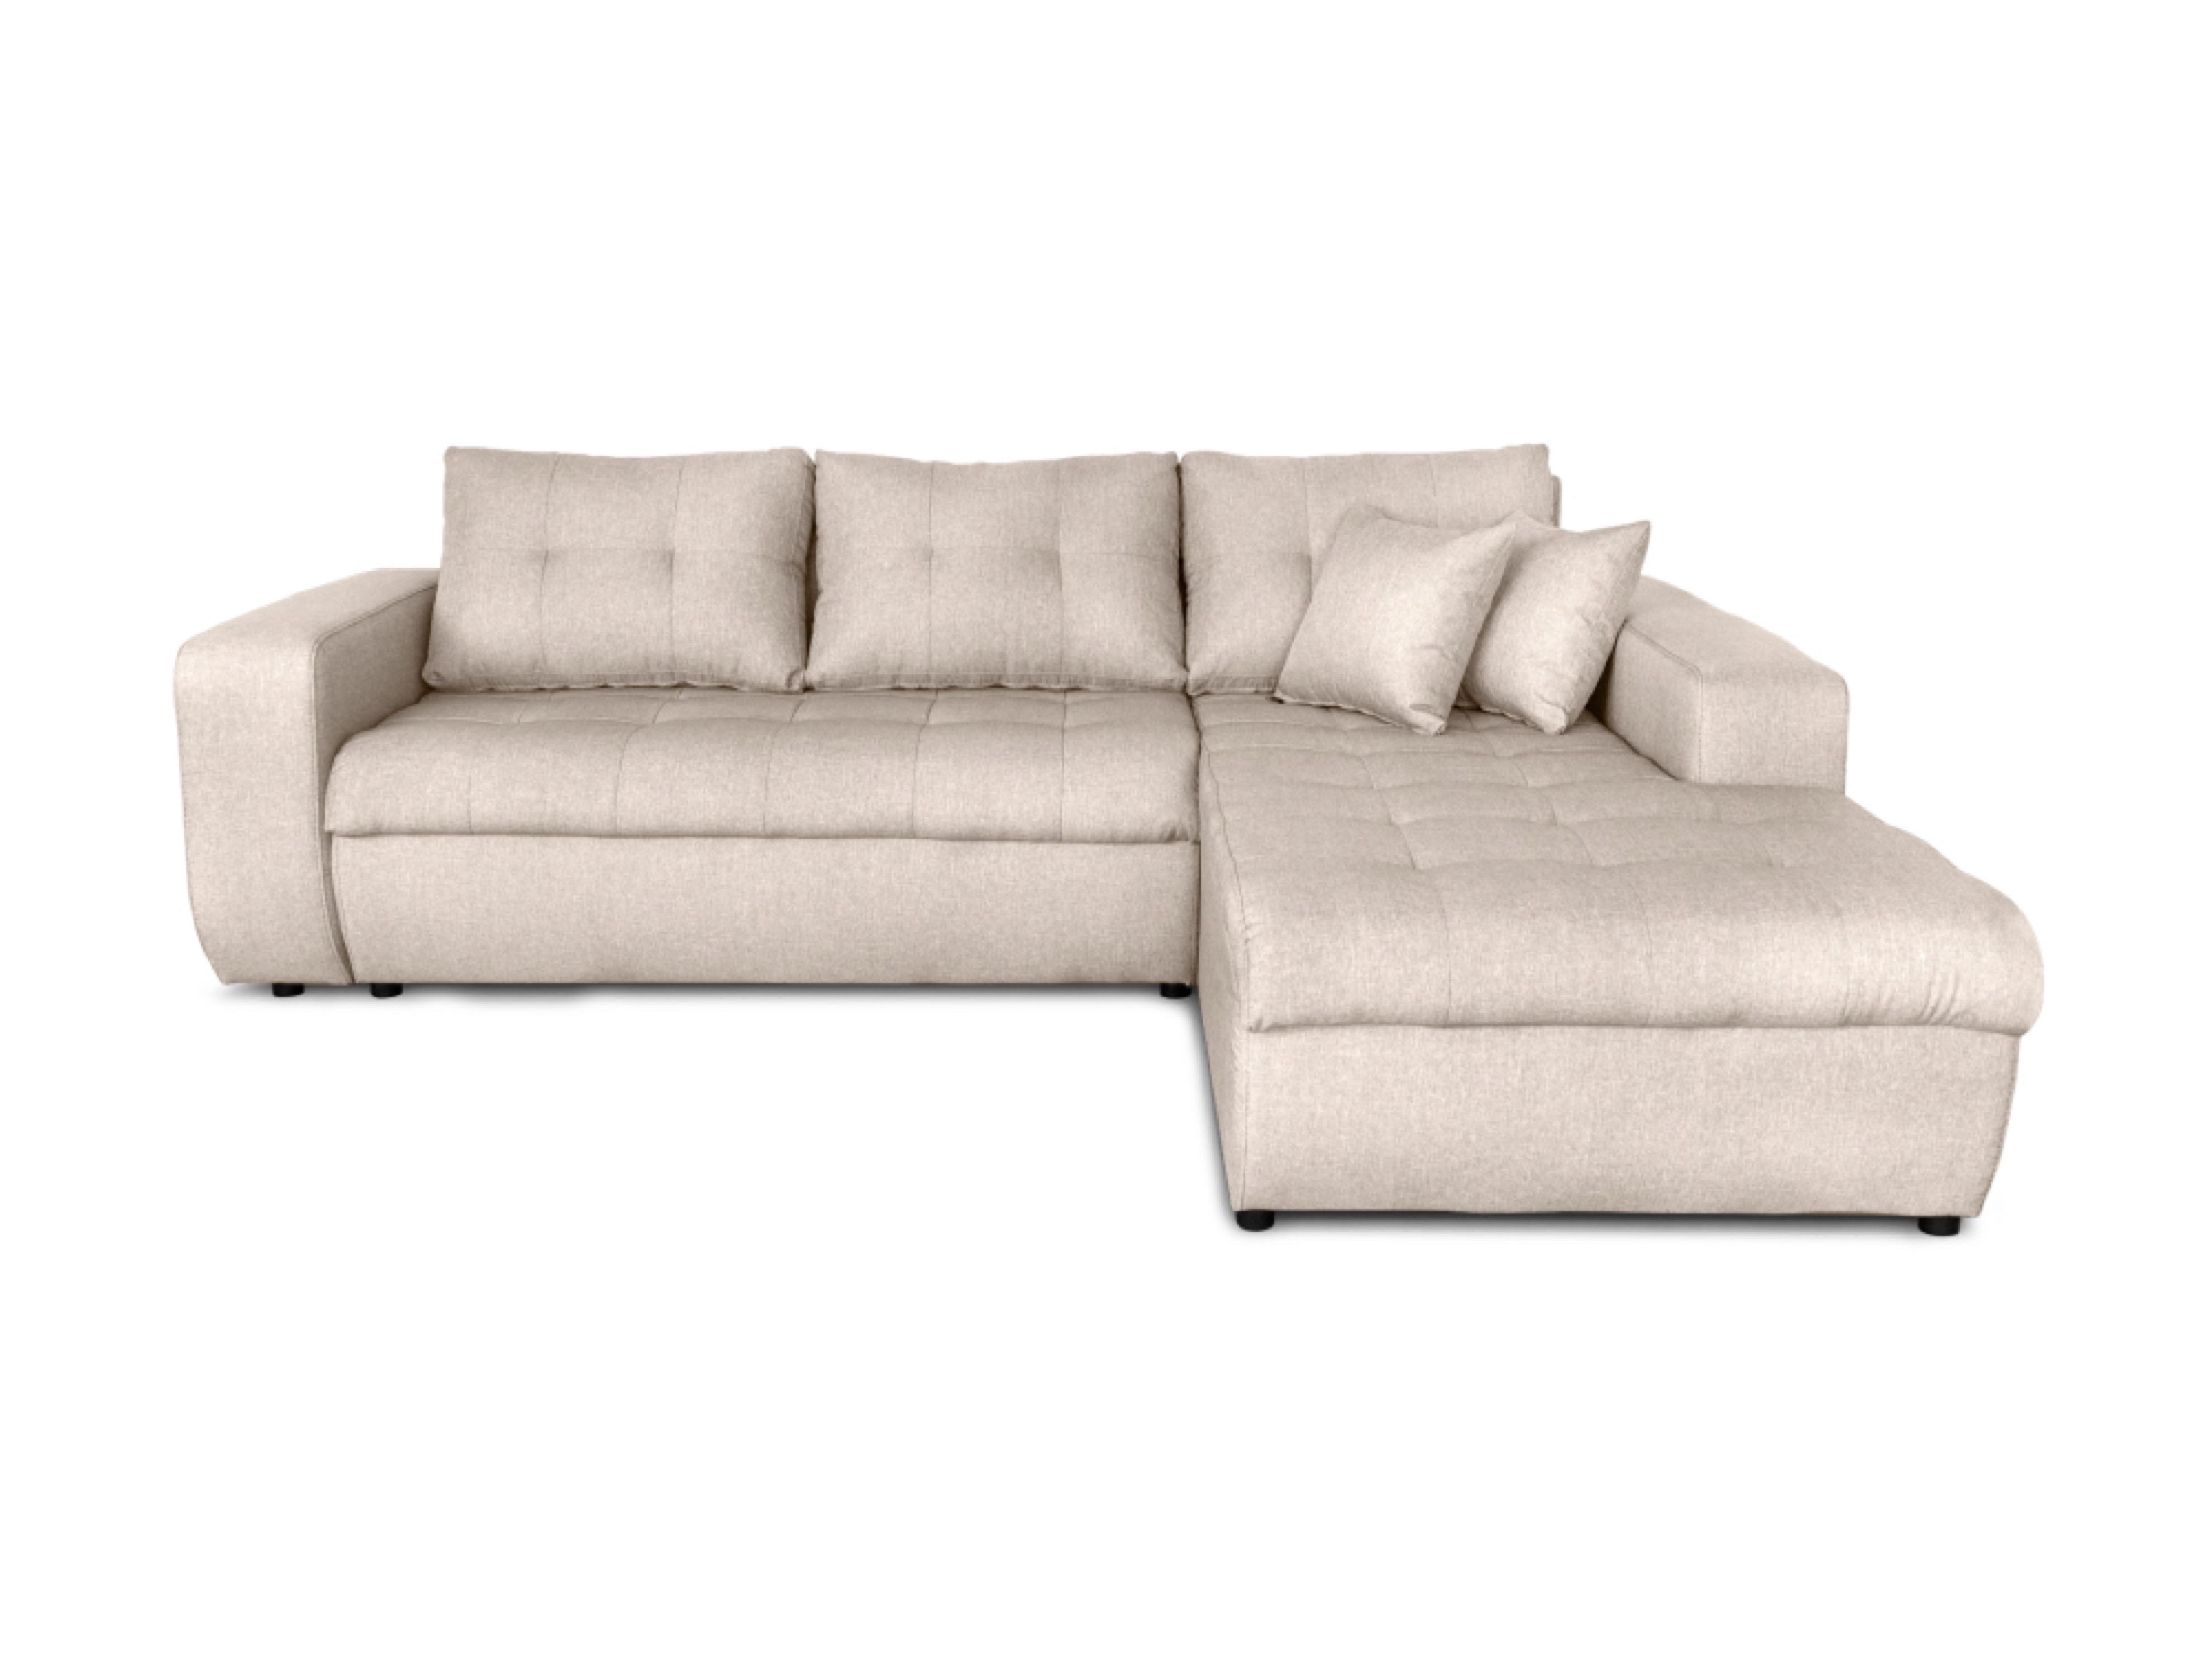 Canapé d'angle droit convertible en tissu beige